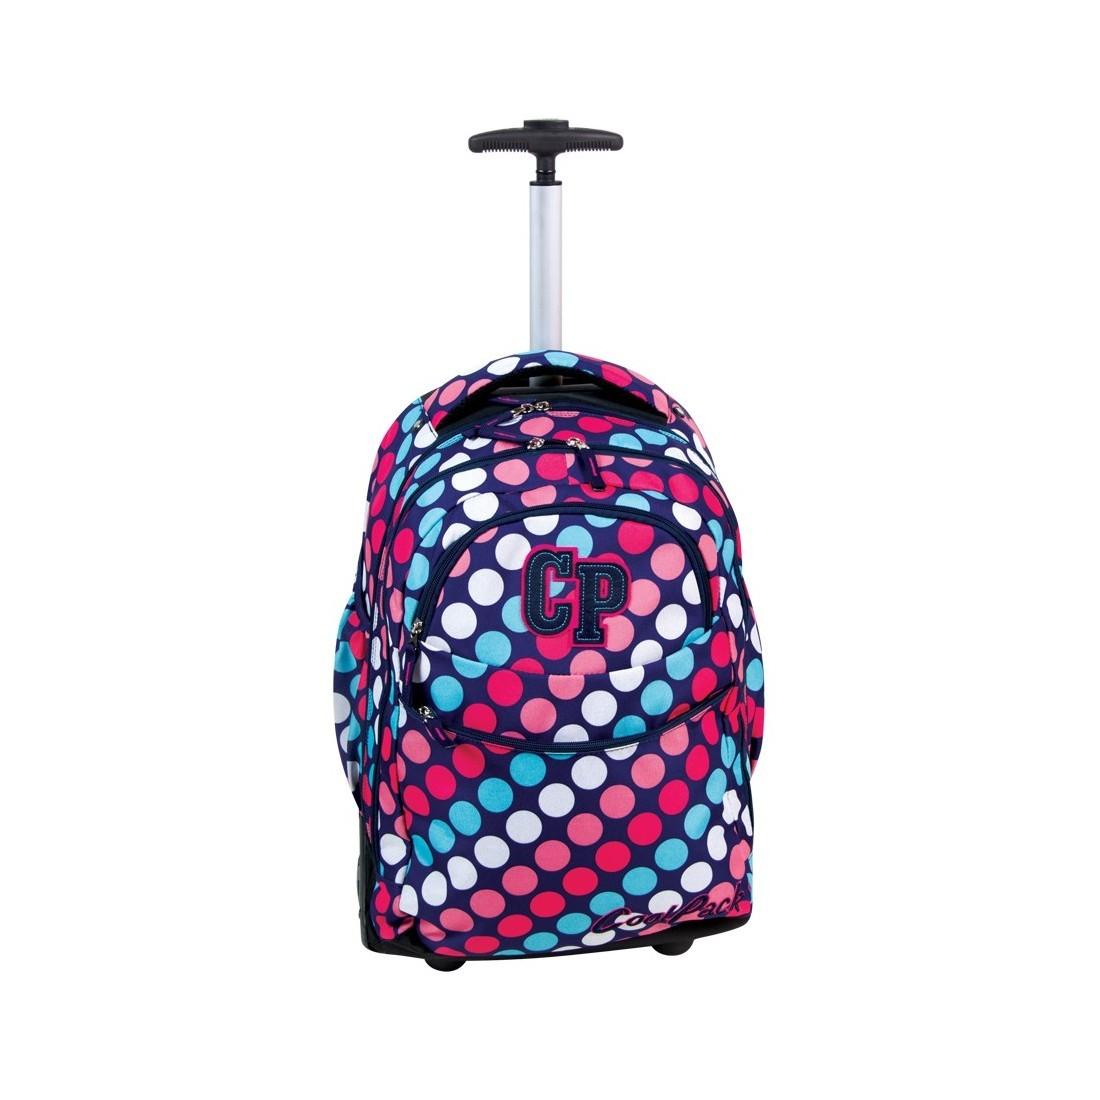 Plecak CoolPack na kółkach dla dziewczyny w kropki - CP 032